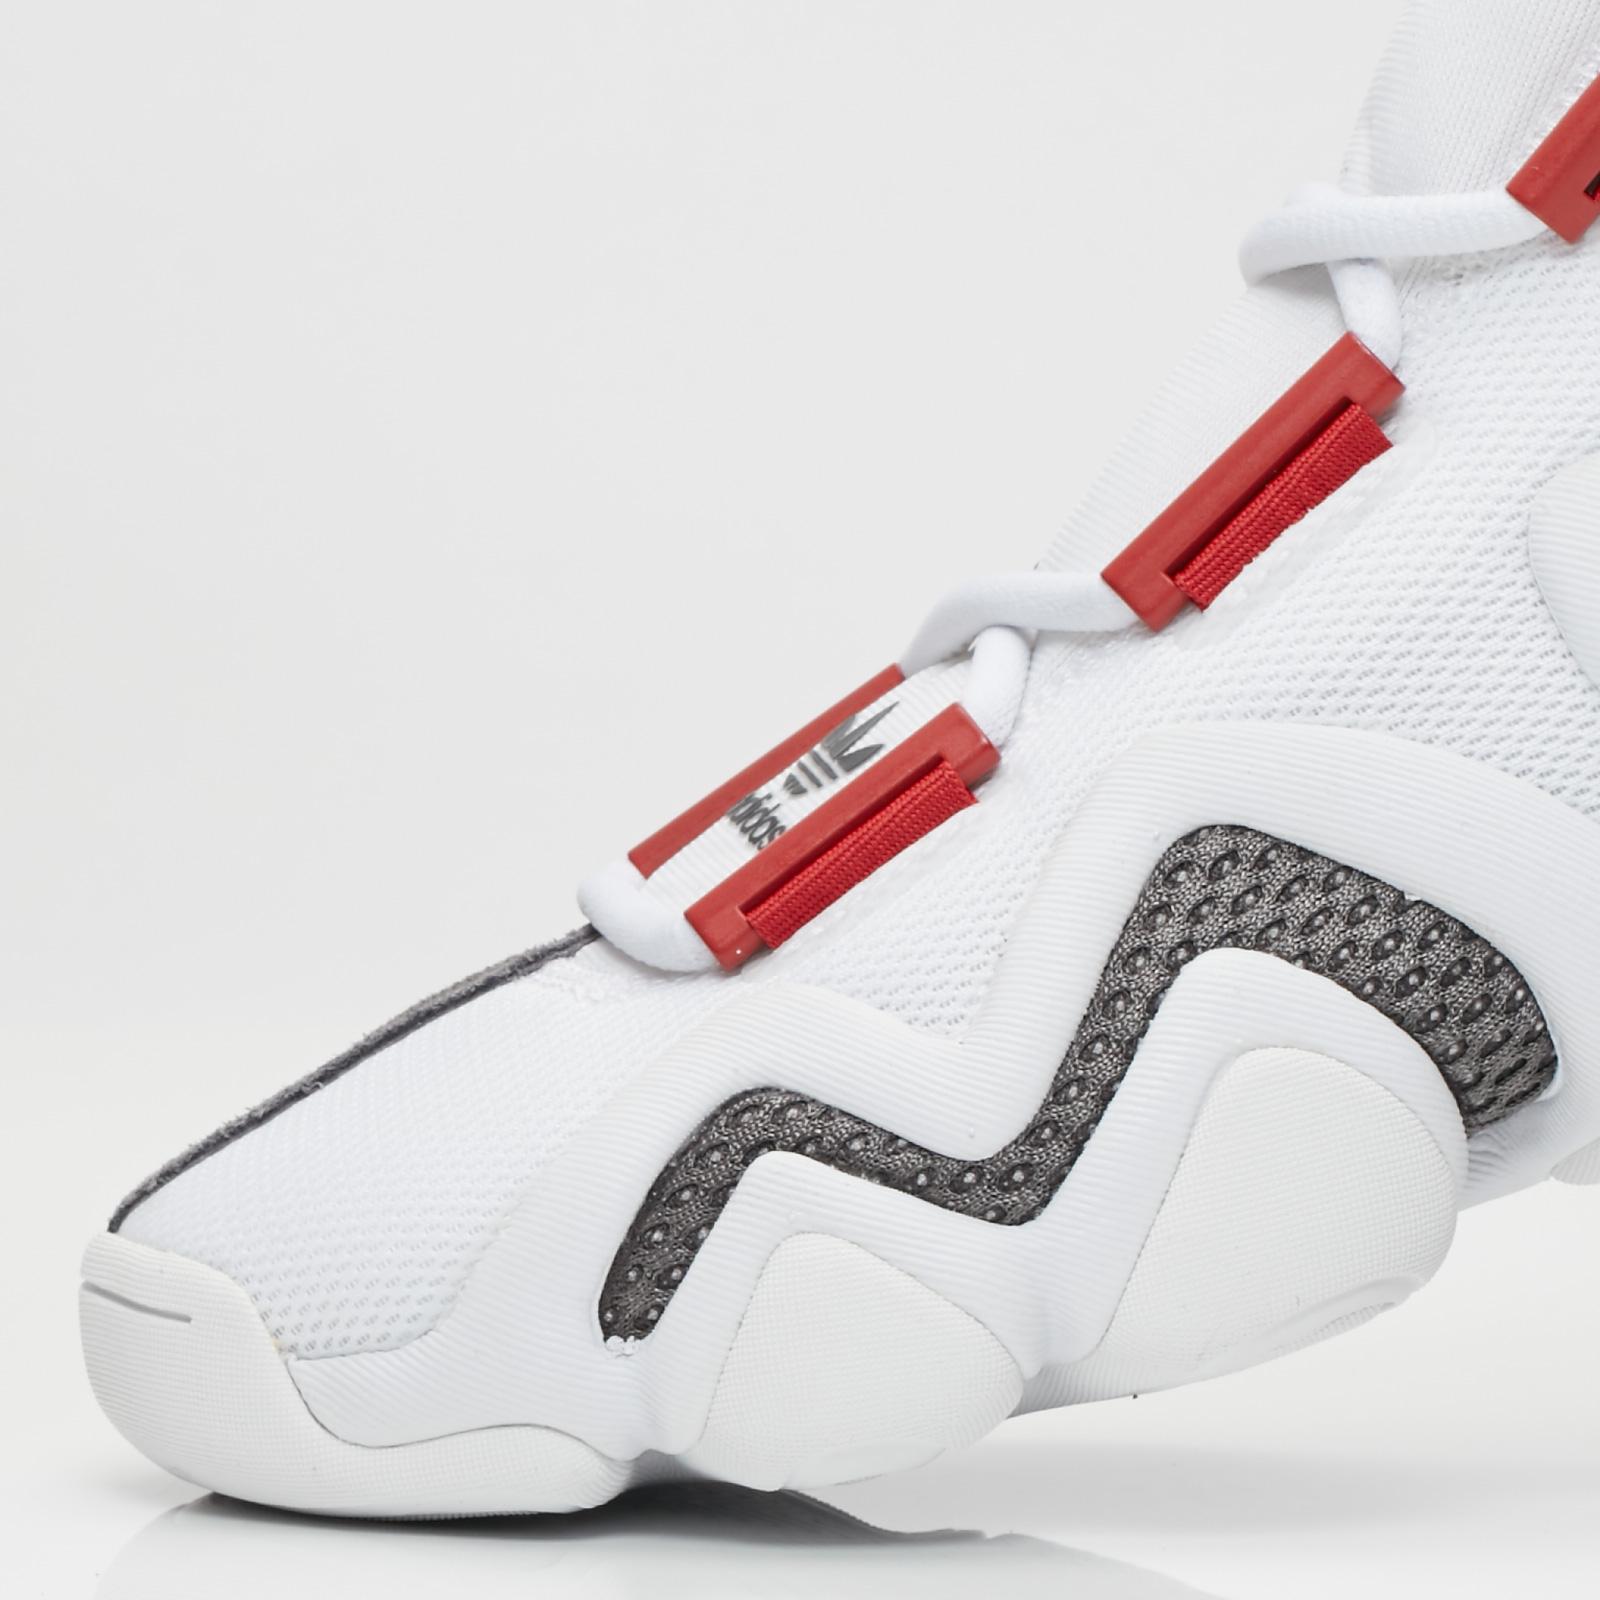 competitive price 0993f 32f30 ... adidas Consortium Crazy 8 AD Workshop ...